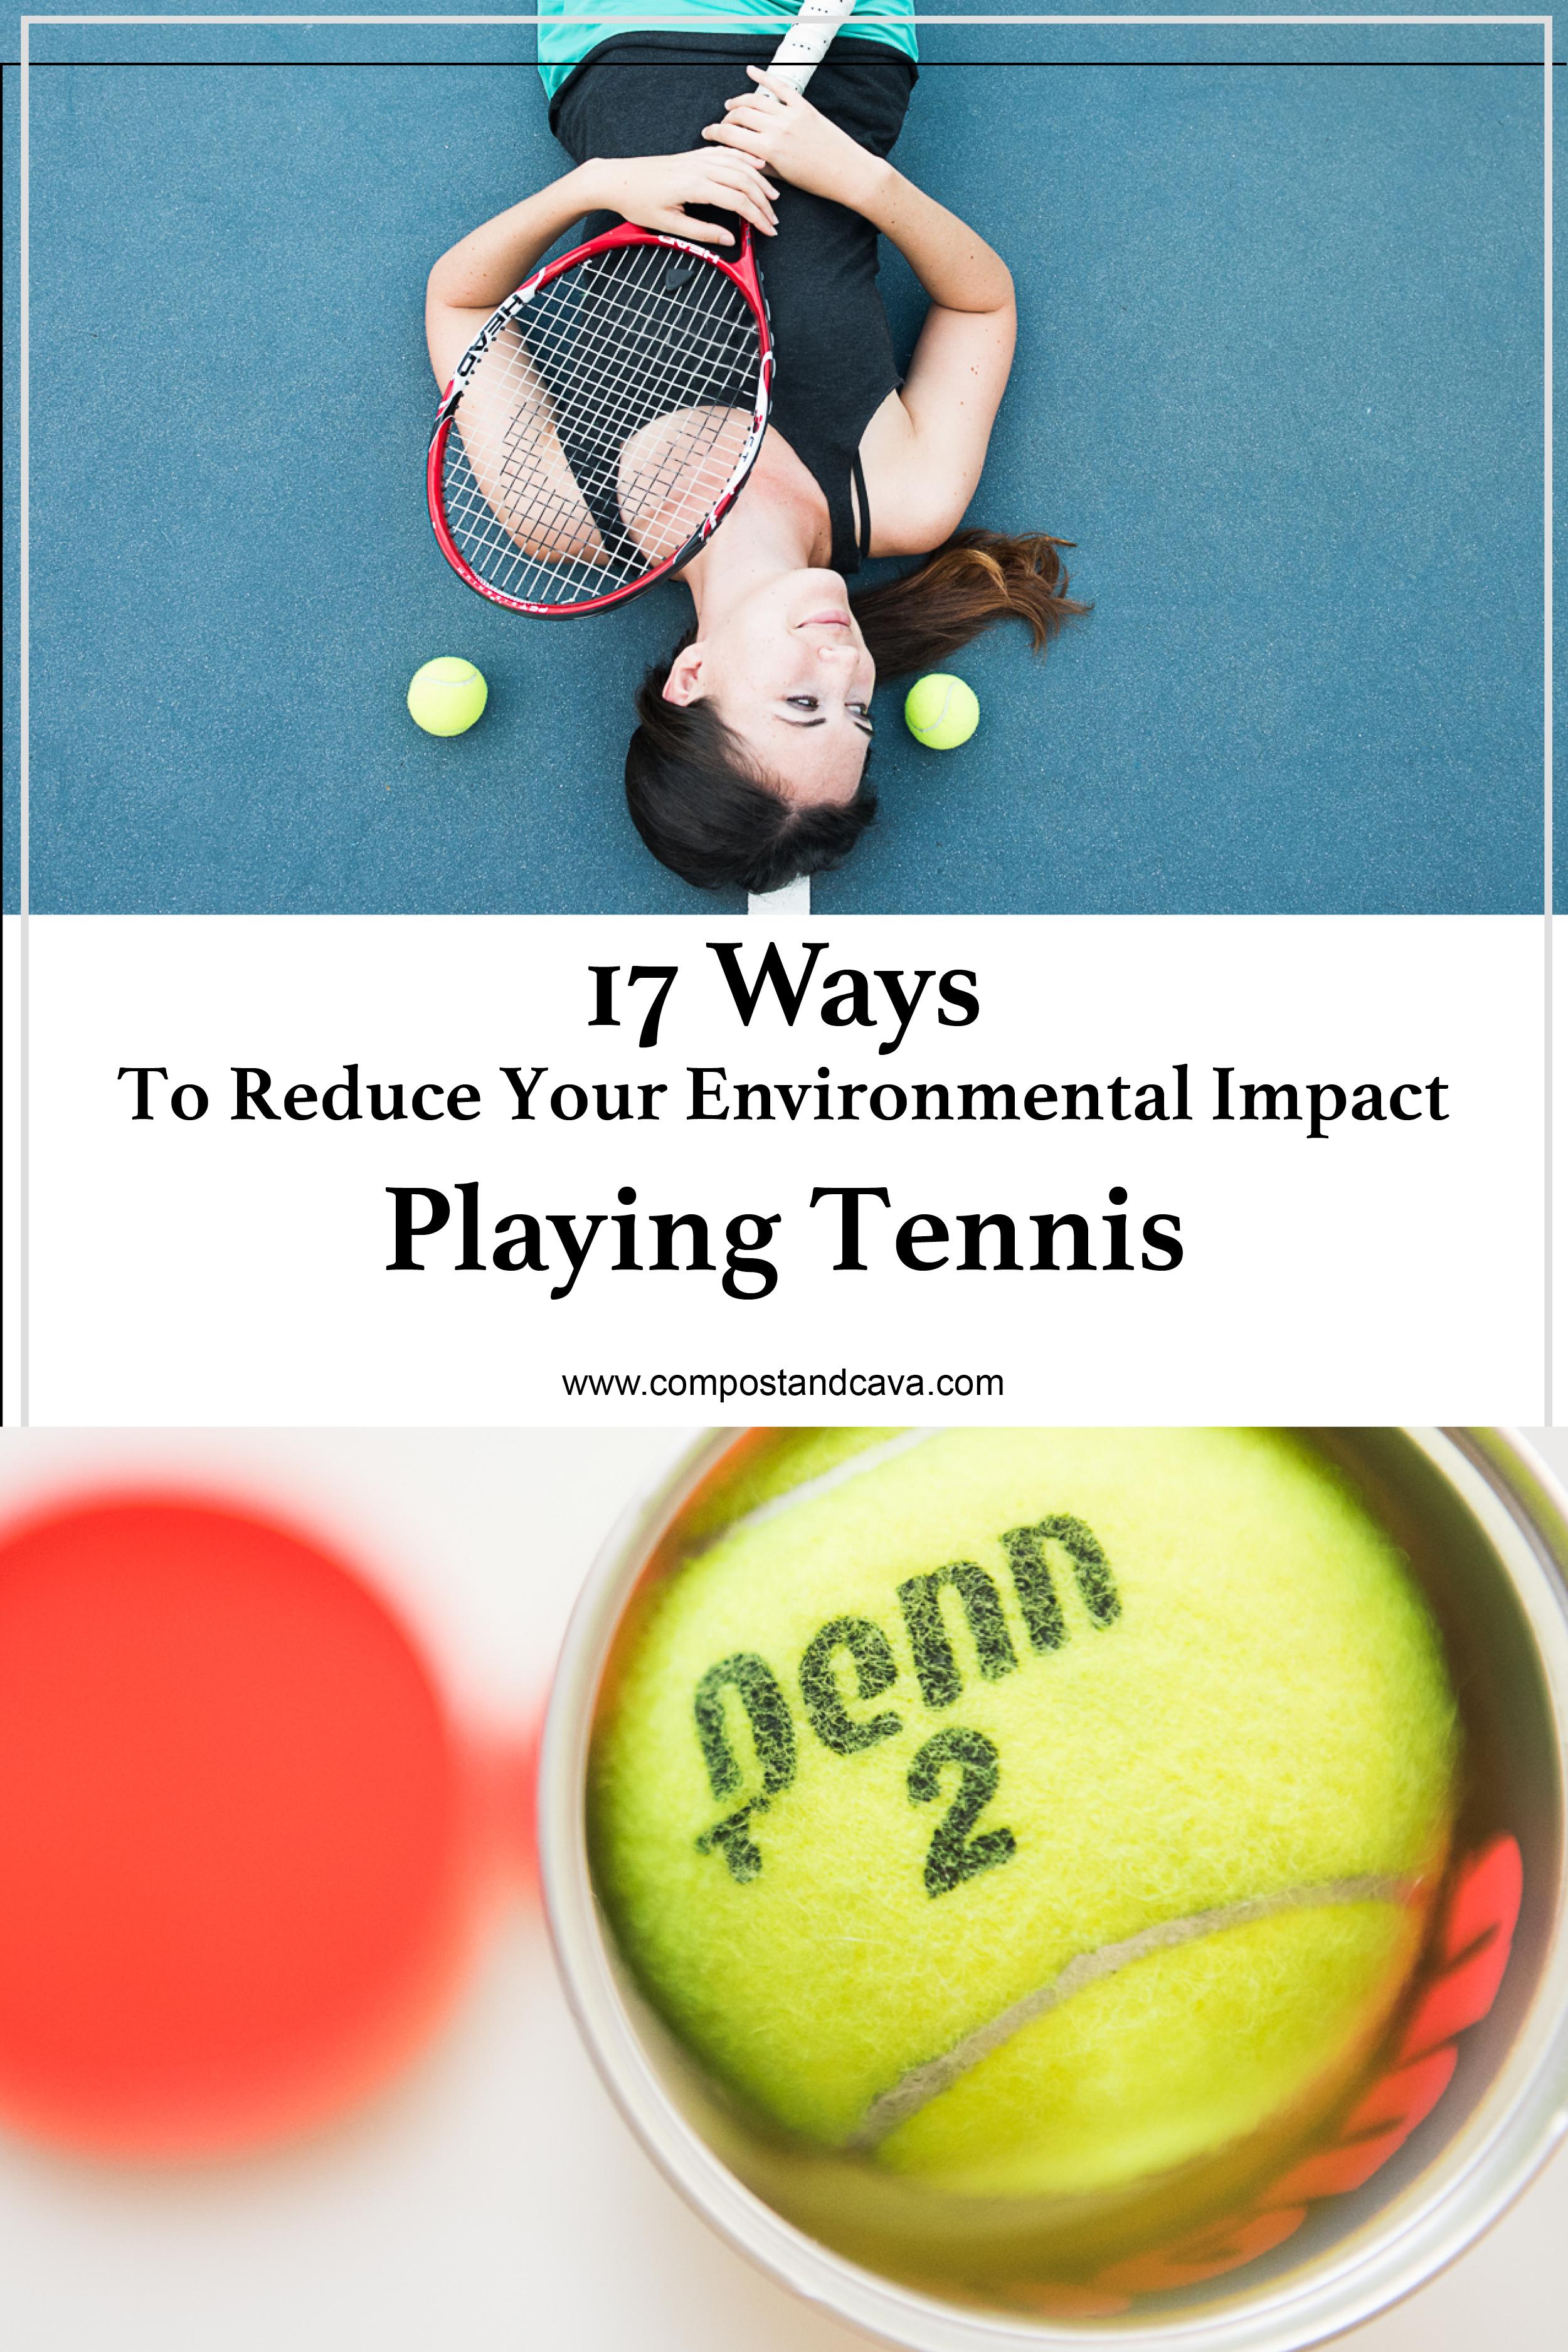 17 Ways to Reduce Your Environmental Impact Playing Tennis.jpg